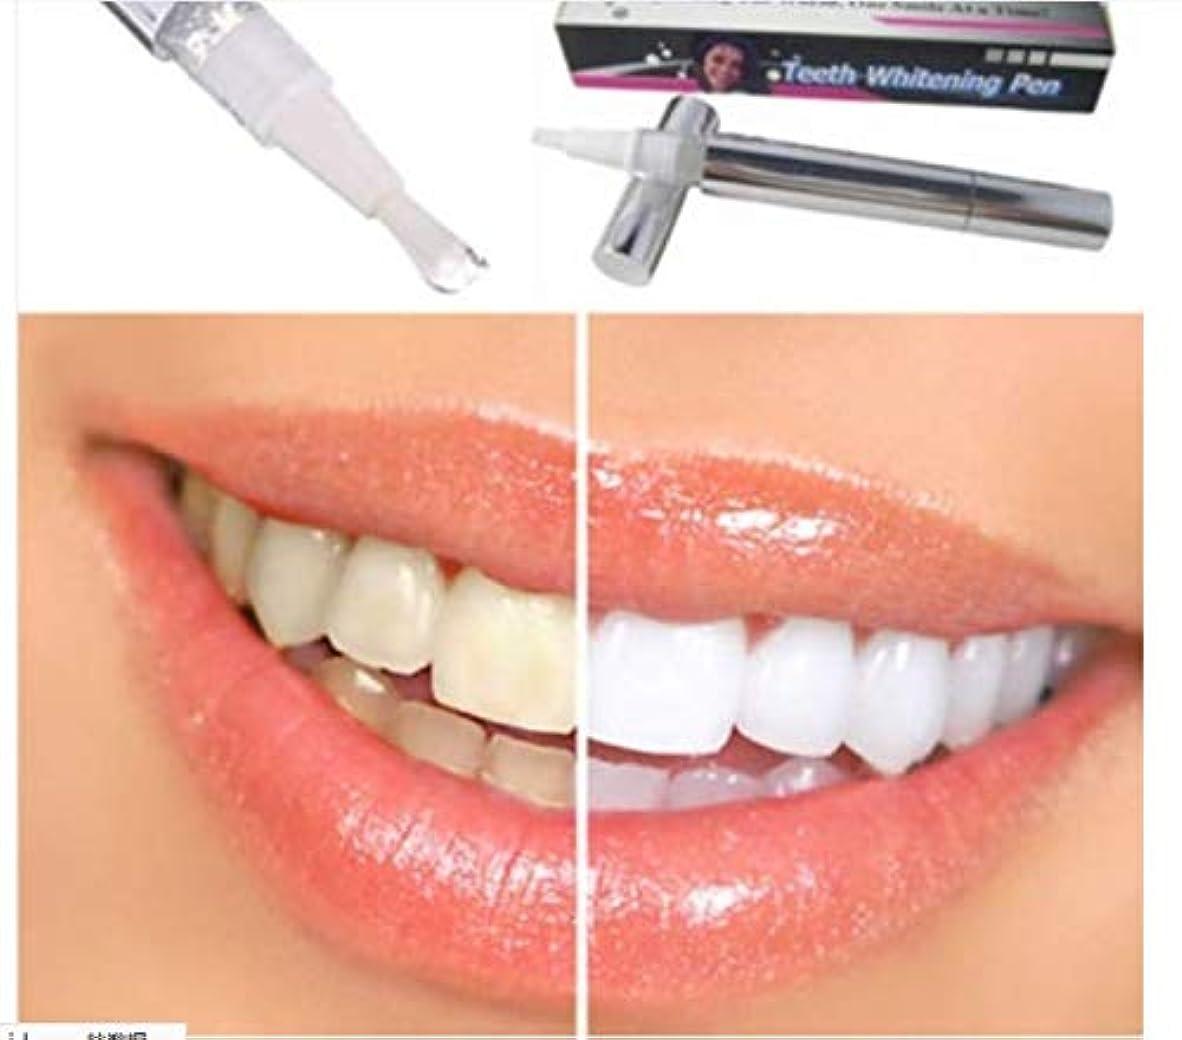 シェア悪名高い区ホワイトニングペン型真っ白な歯 ホワイトニングペン 歯の白い漂白剤 瞬間汚れ消しゴムリムーバー